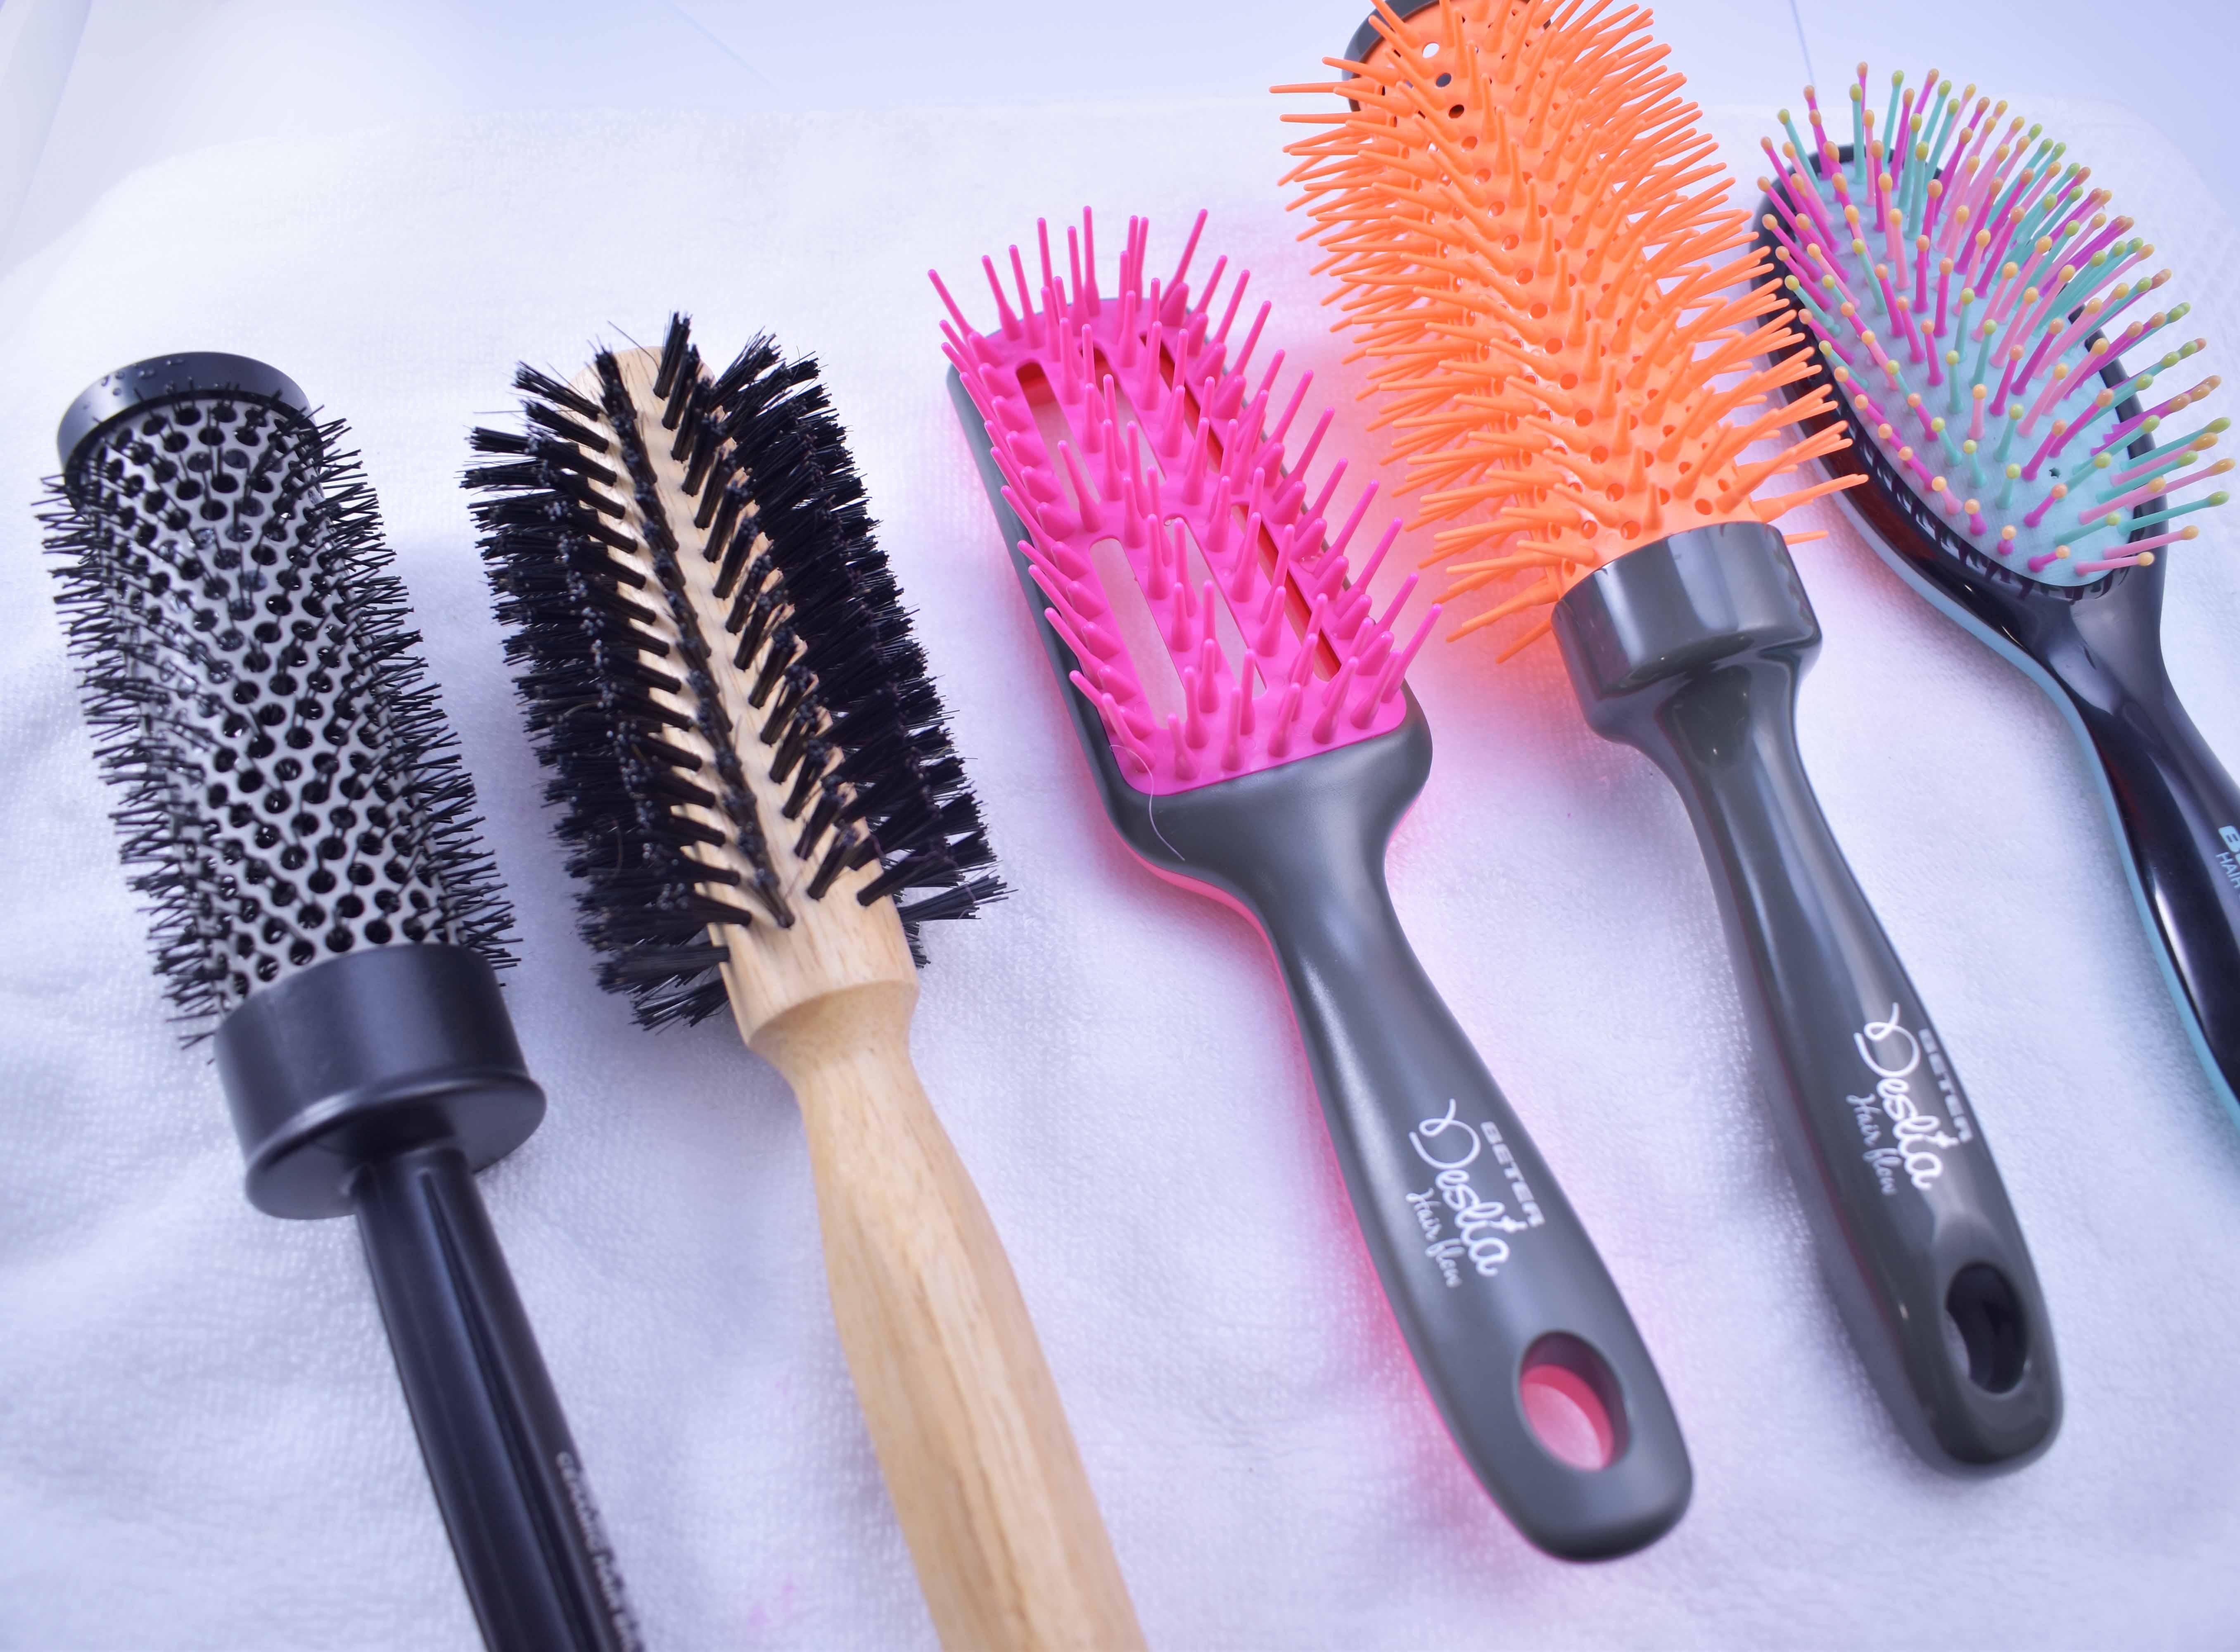 ¿Cómo limpias tus cepillos de cabello ?